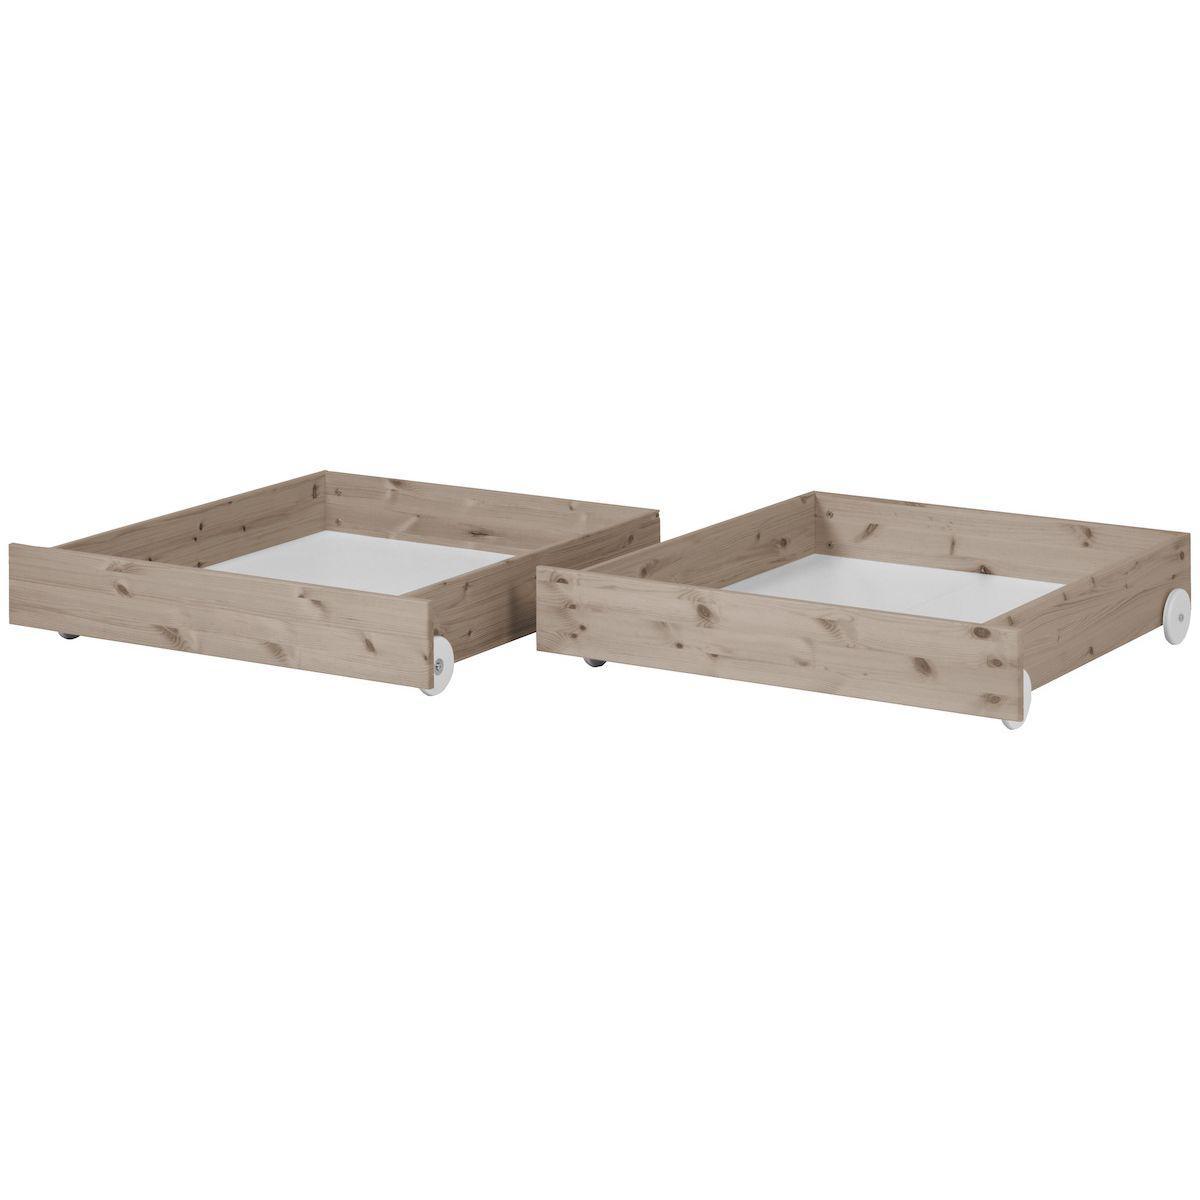 TERRA by Flexa Ensemble de 2 tiroirs bruns pour lit simple ou lit superposé 90x190 cm